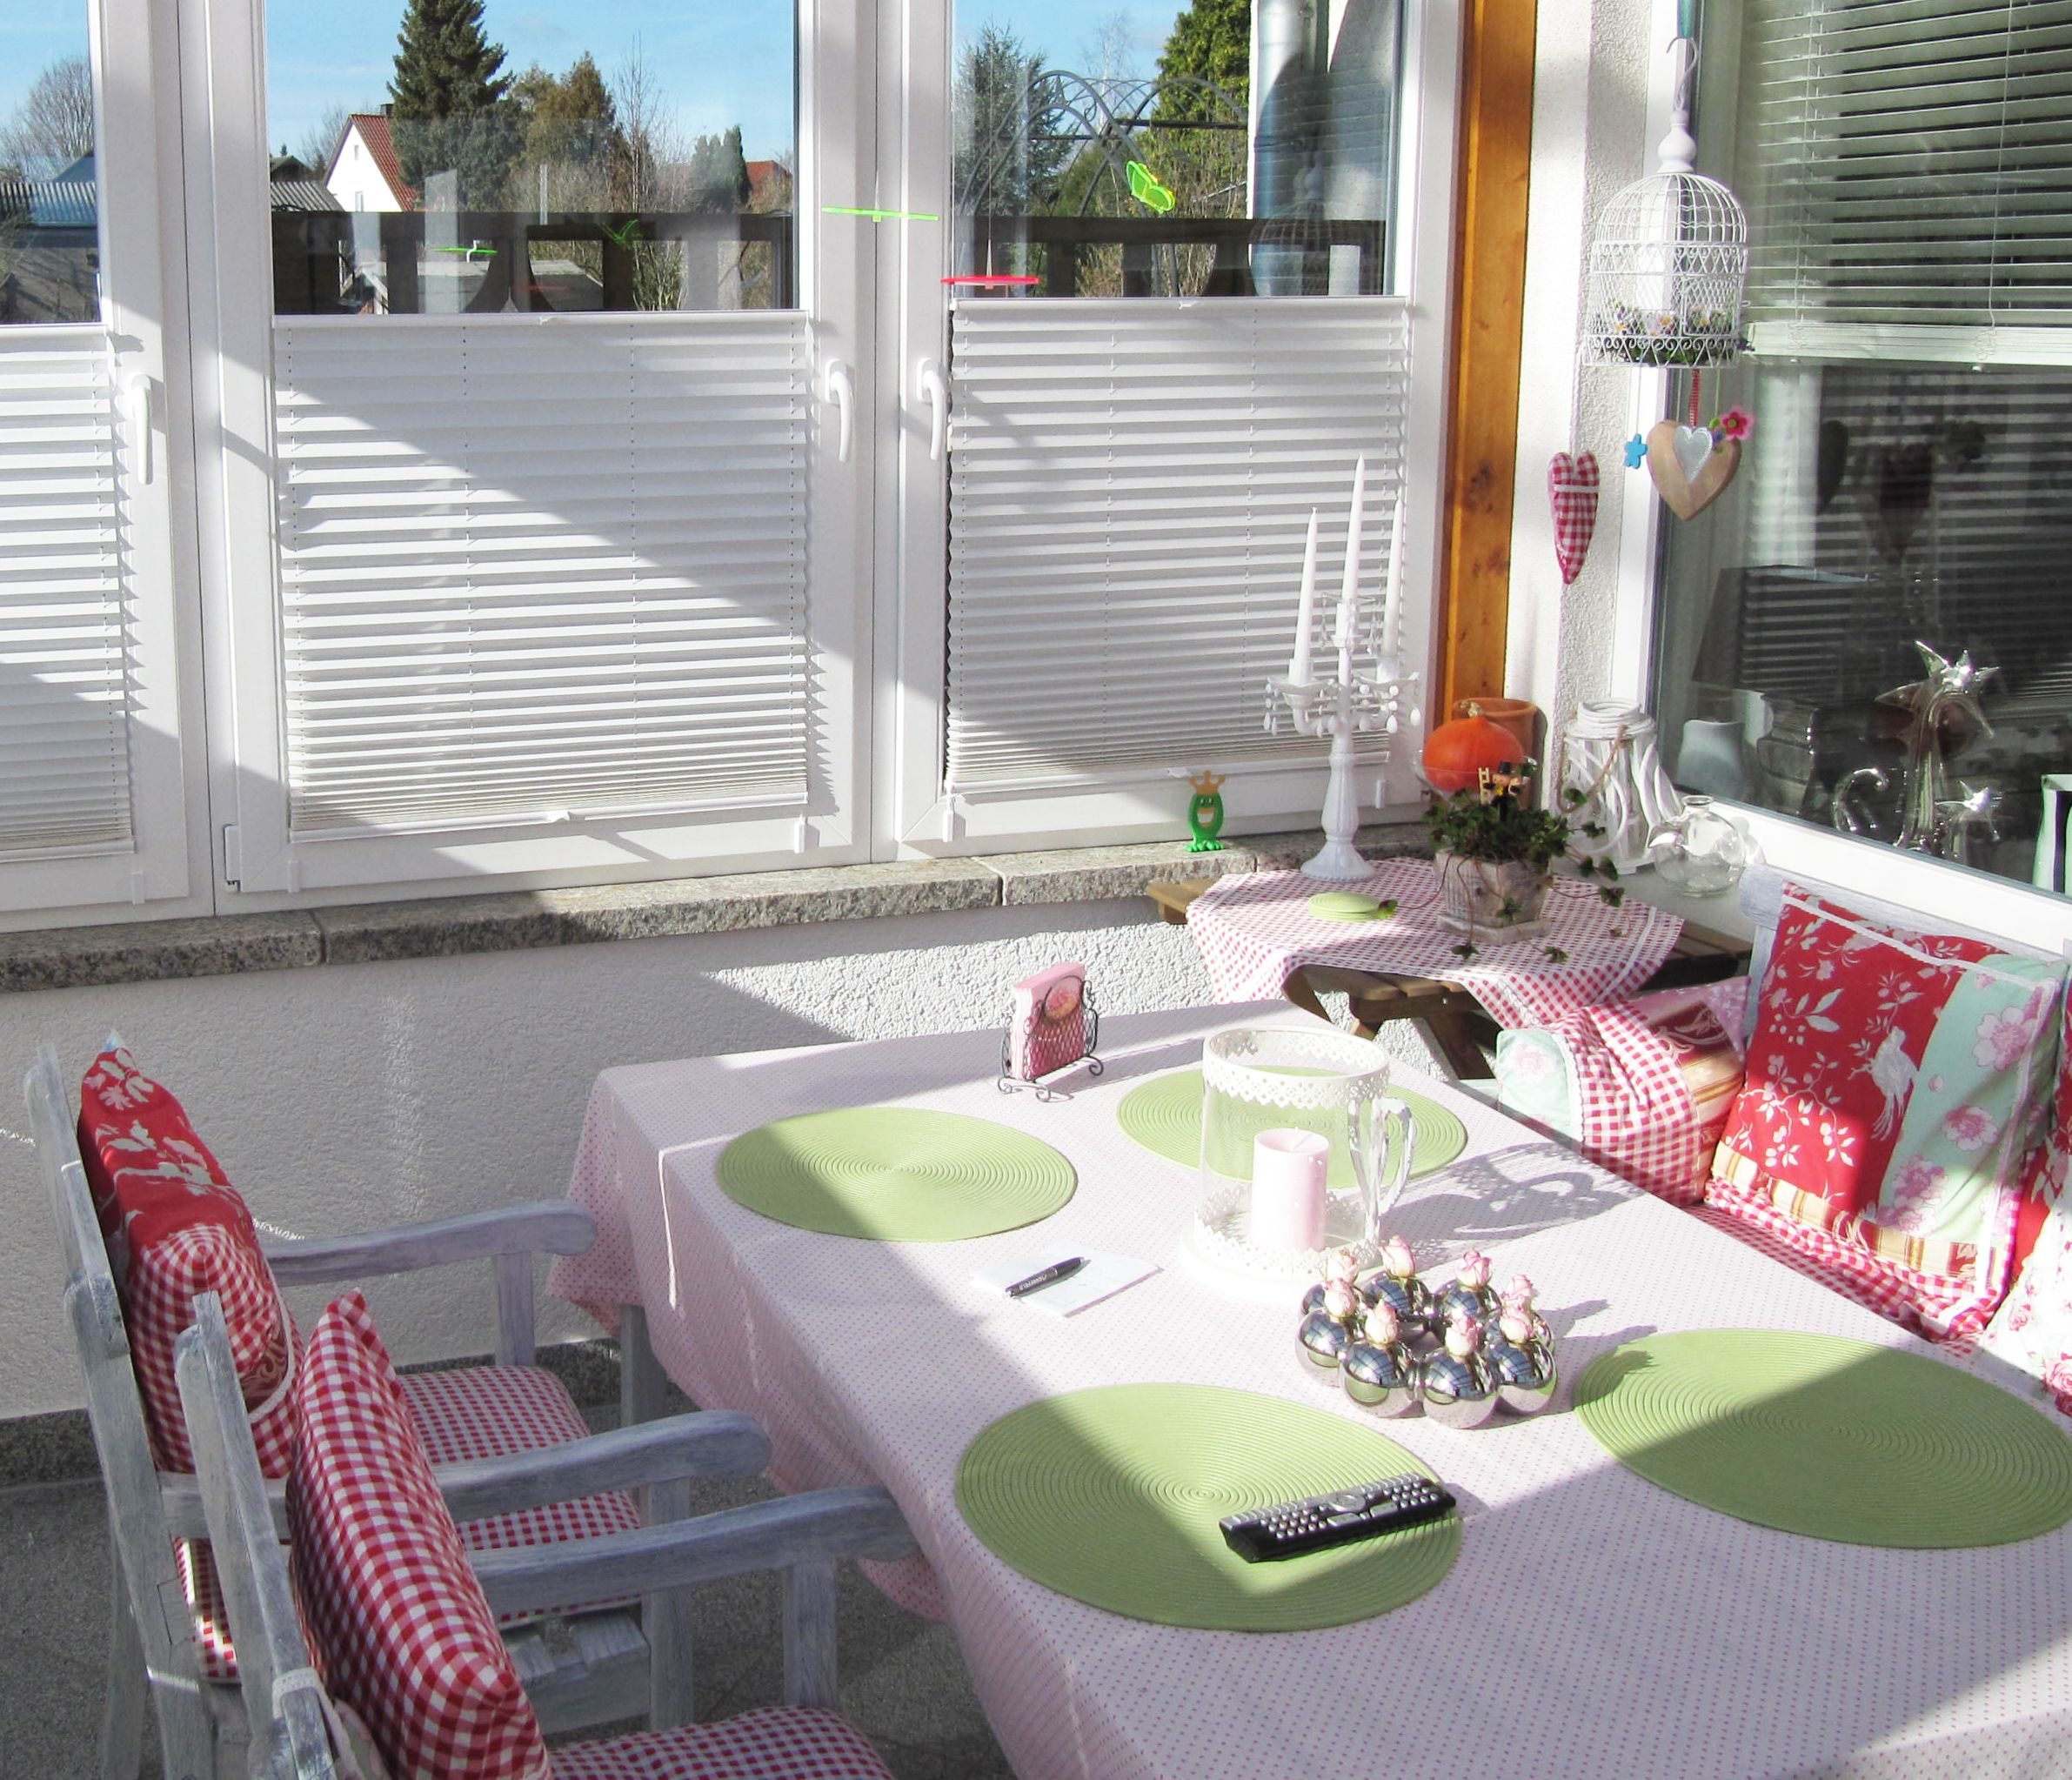 #plissee #tischdeko #wohnen Macht Euer Zuhause schöner mit unseren Plissees.